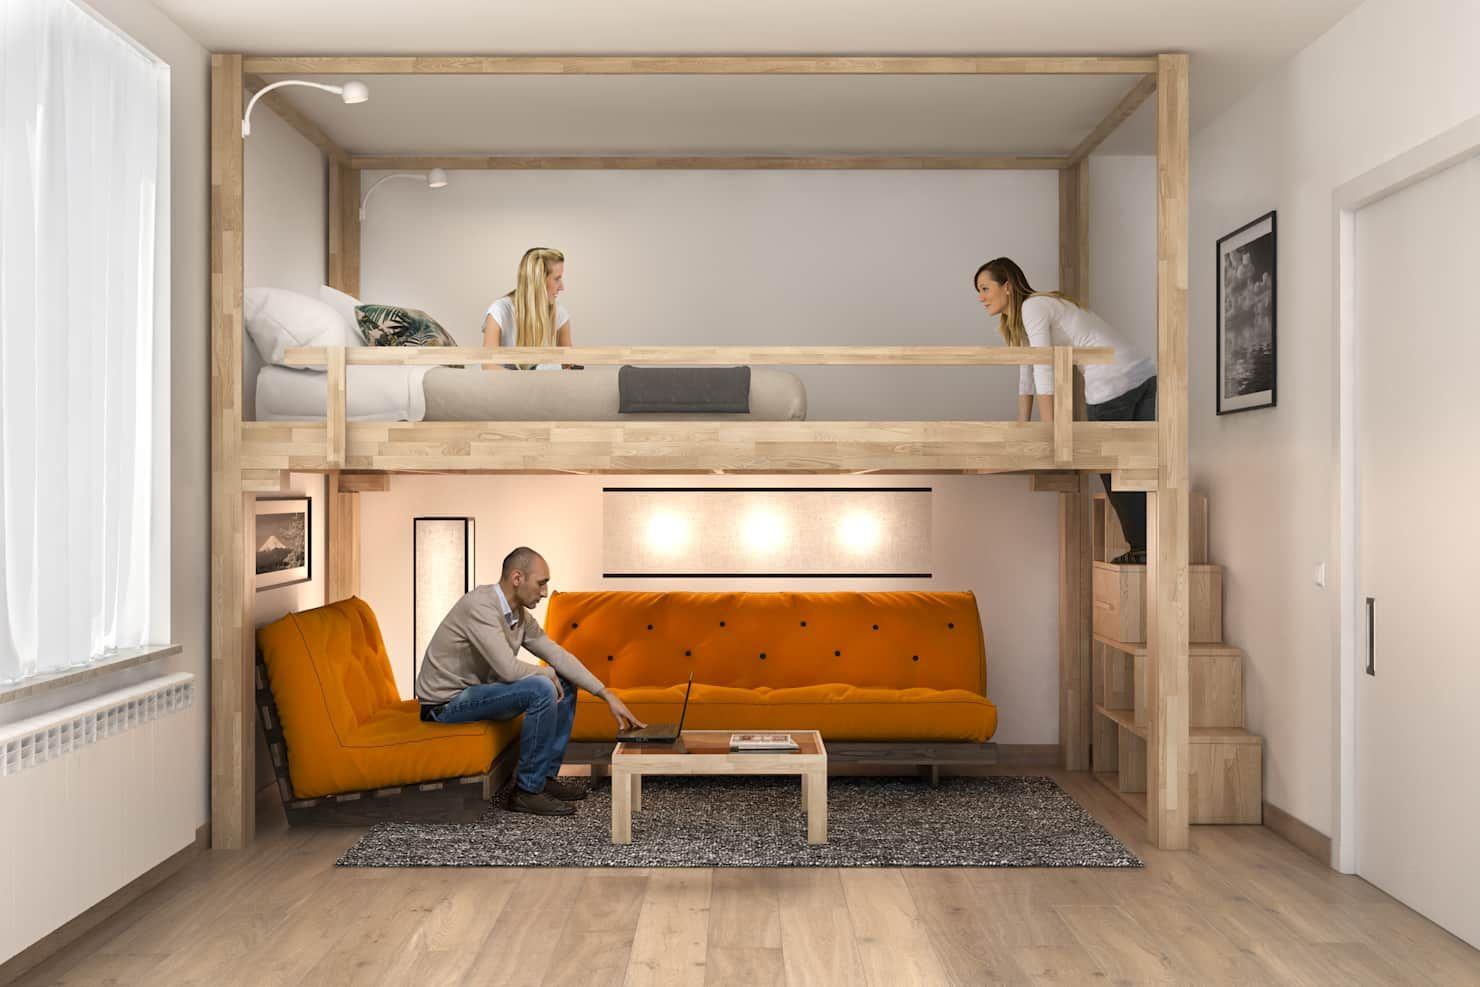 Letto a soppalco rising soggiorno minimalista di cinius s